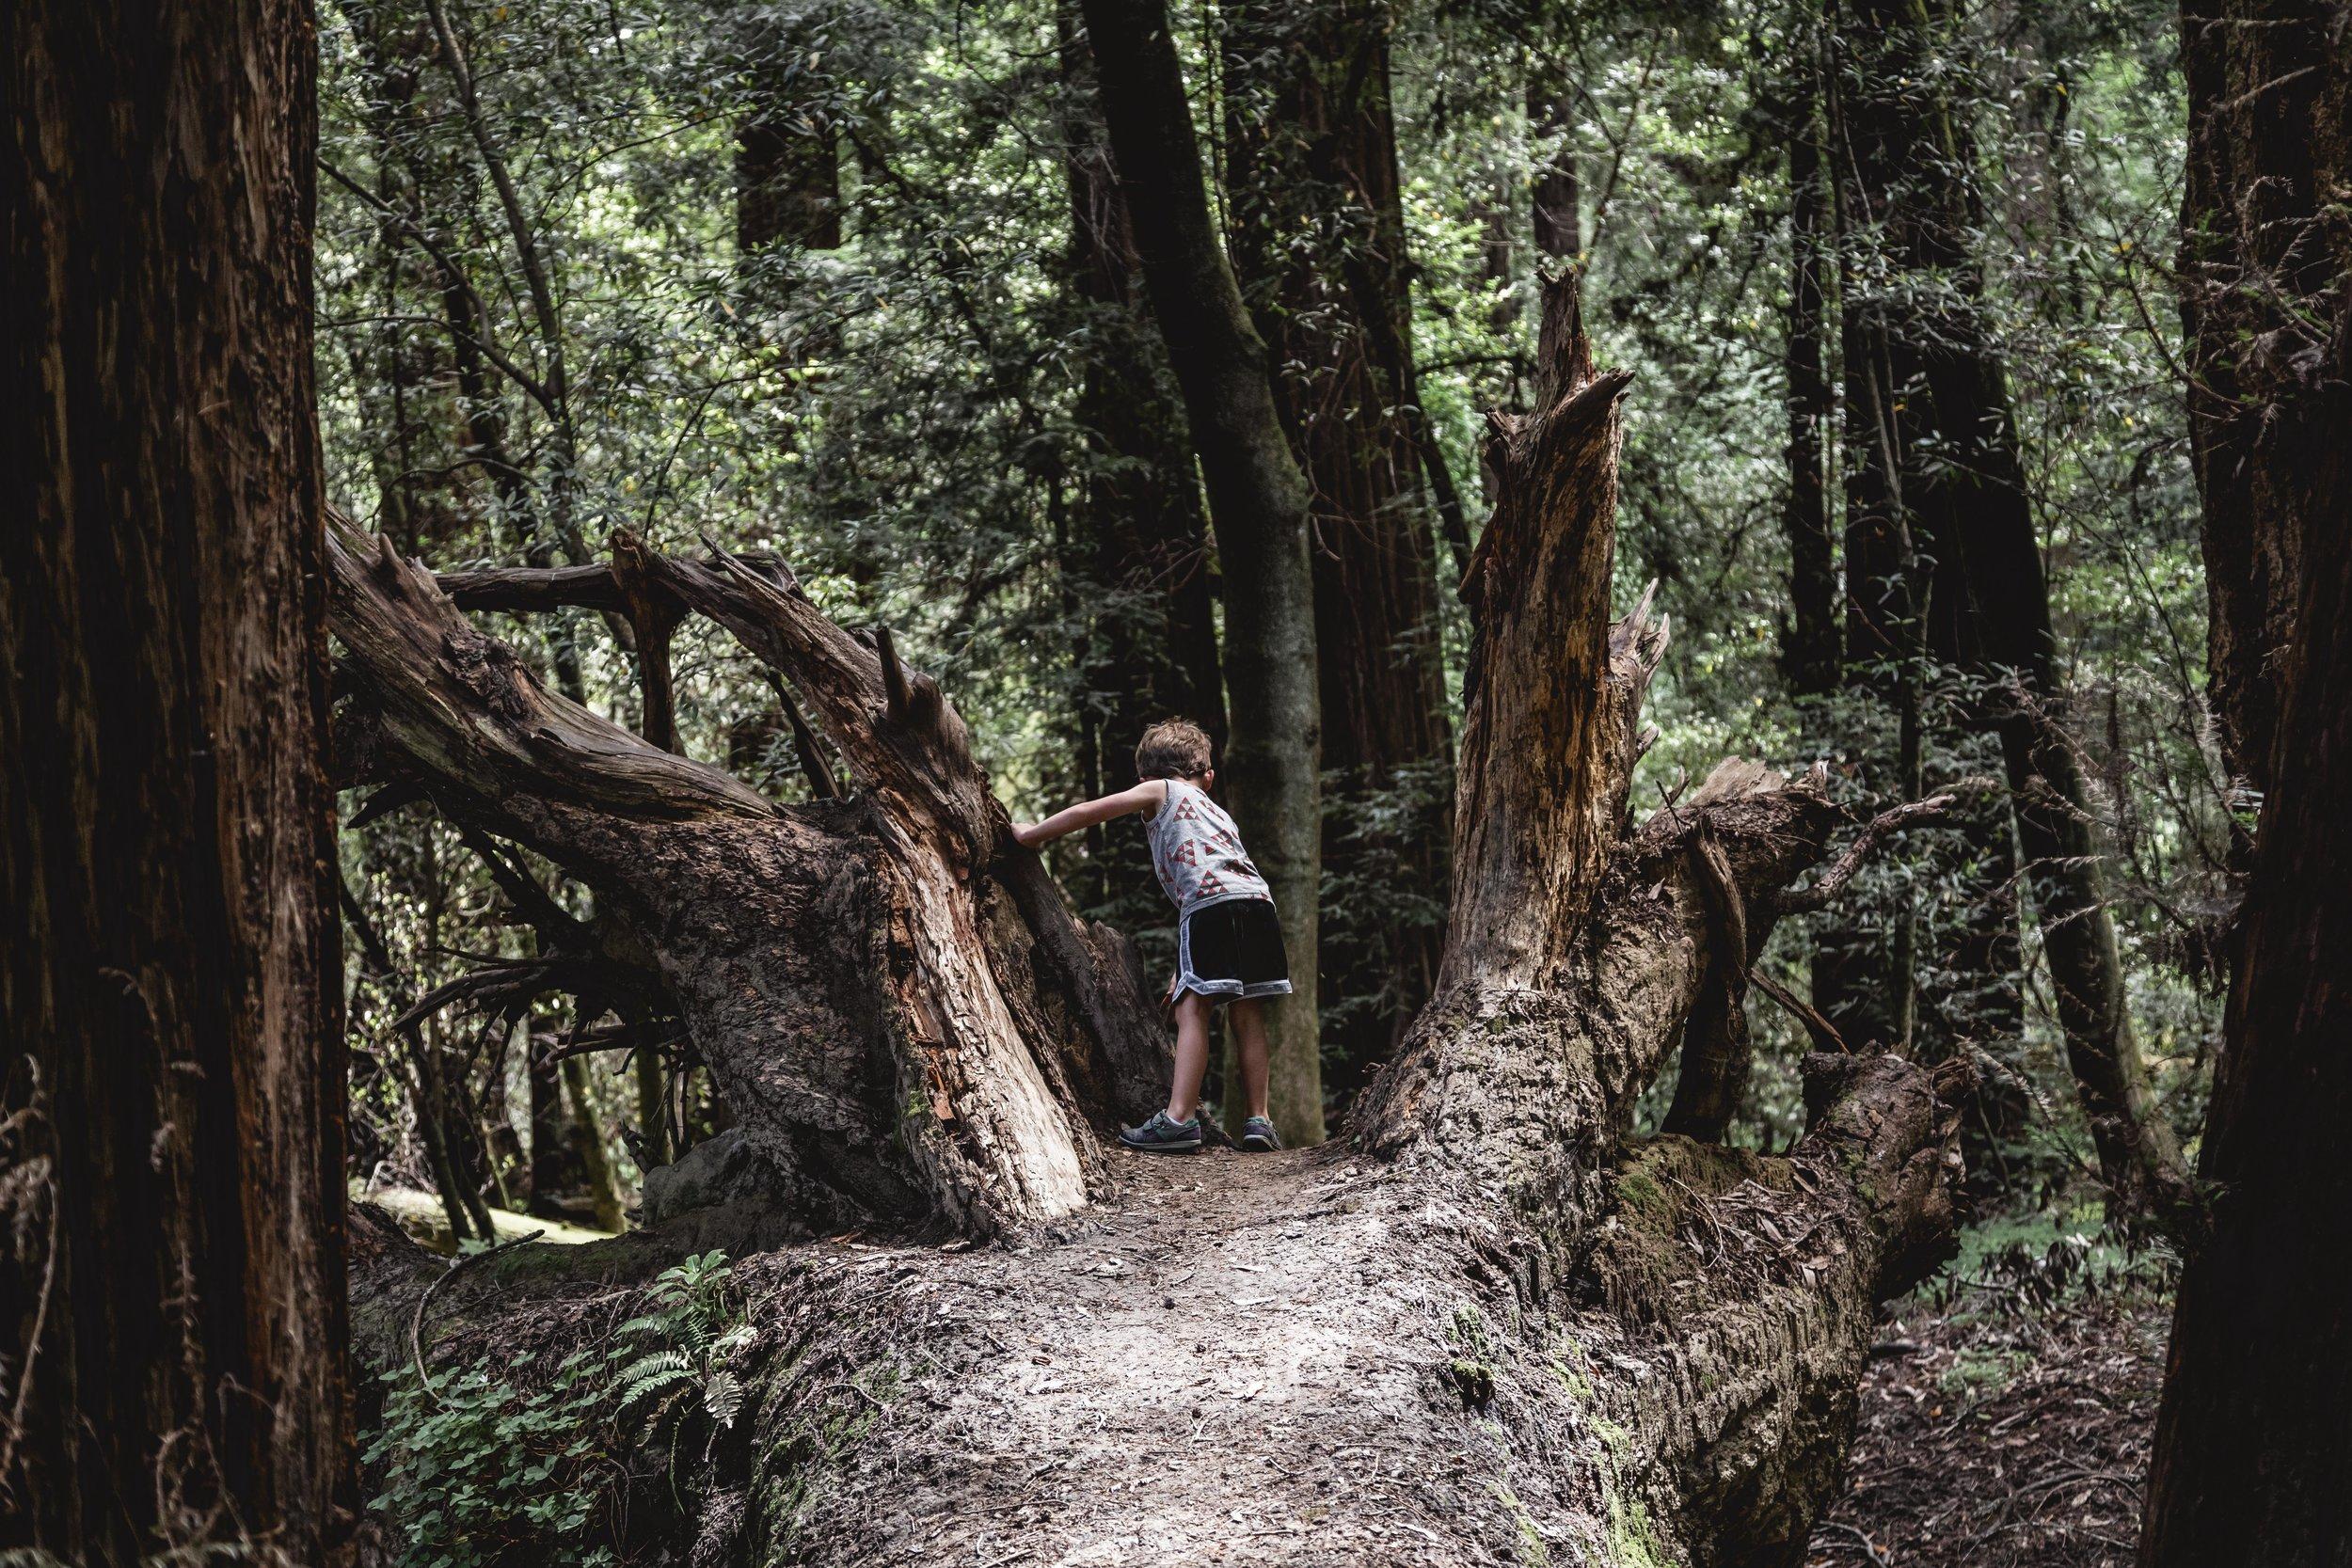 redwoods06-19-1734-2.JPG